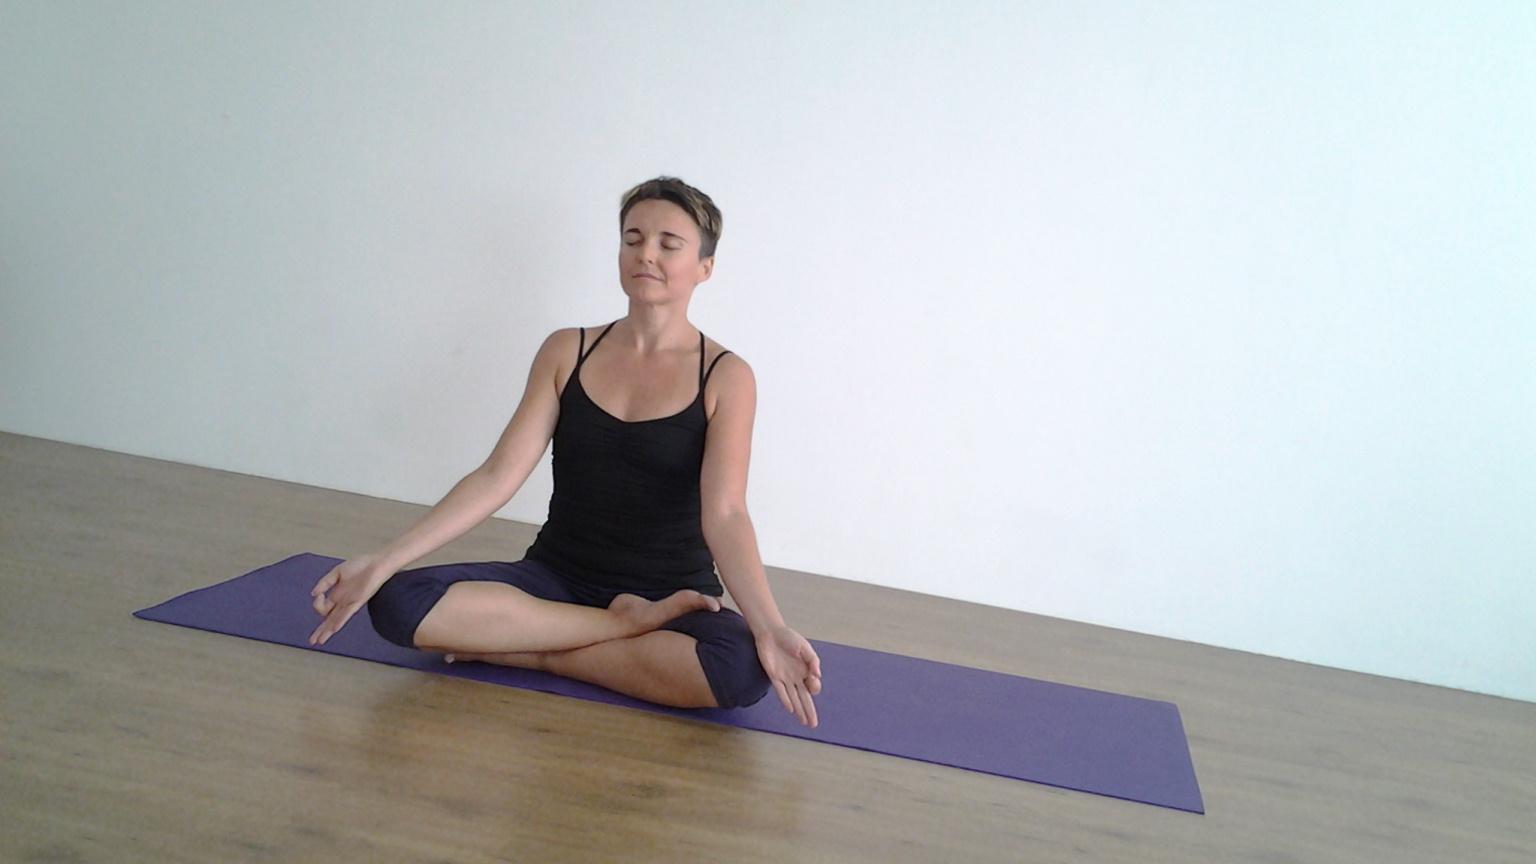 yoga-@-home-portale-lezioni-online-casa-essere-free-gratuito-benessere-per-tutti-alassio-lucia-ragazzi-wellness-wellbeing-stai-a-stay-at